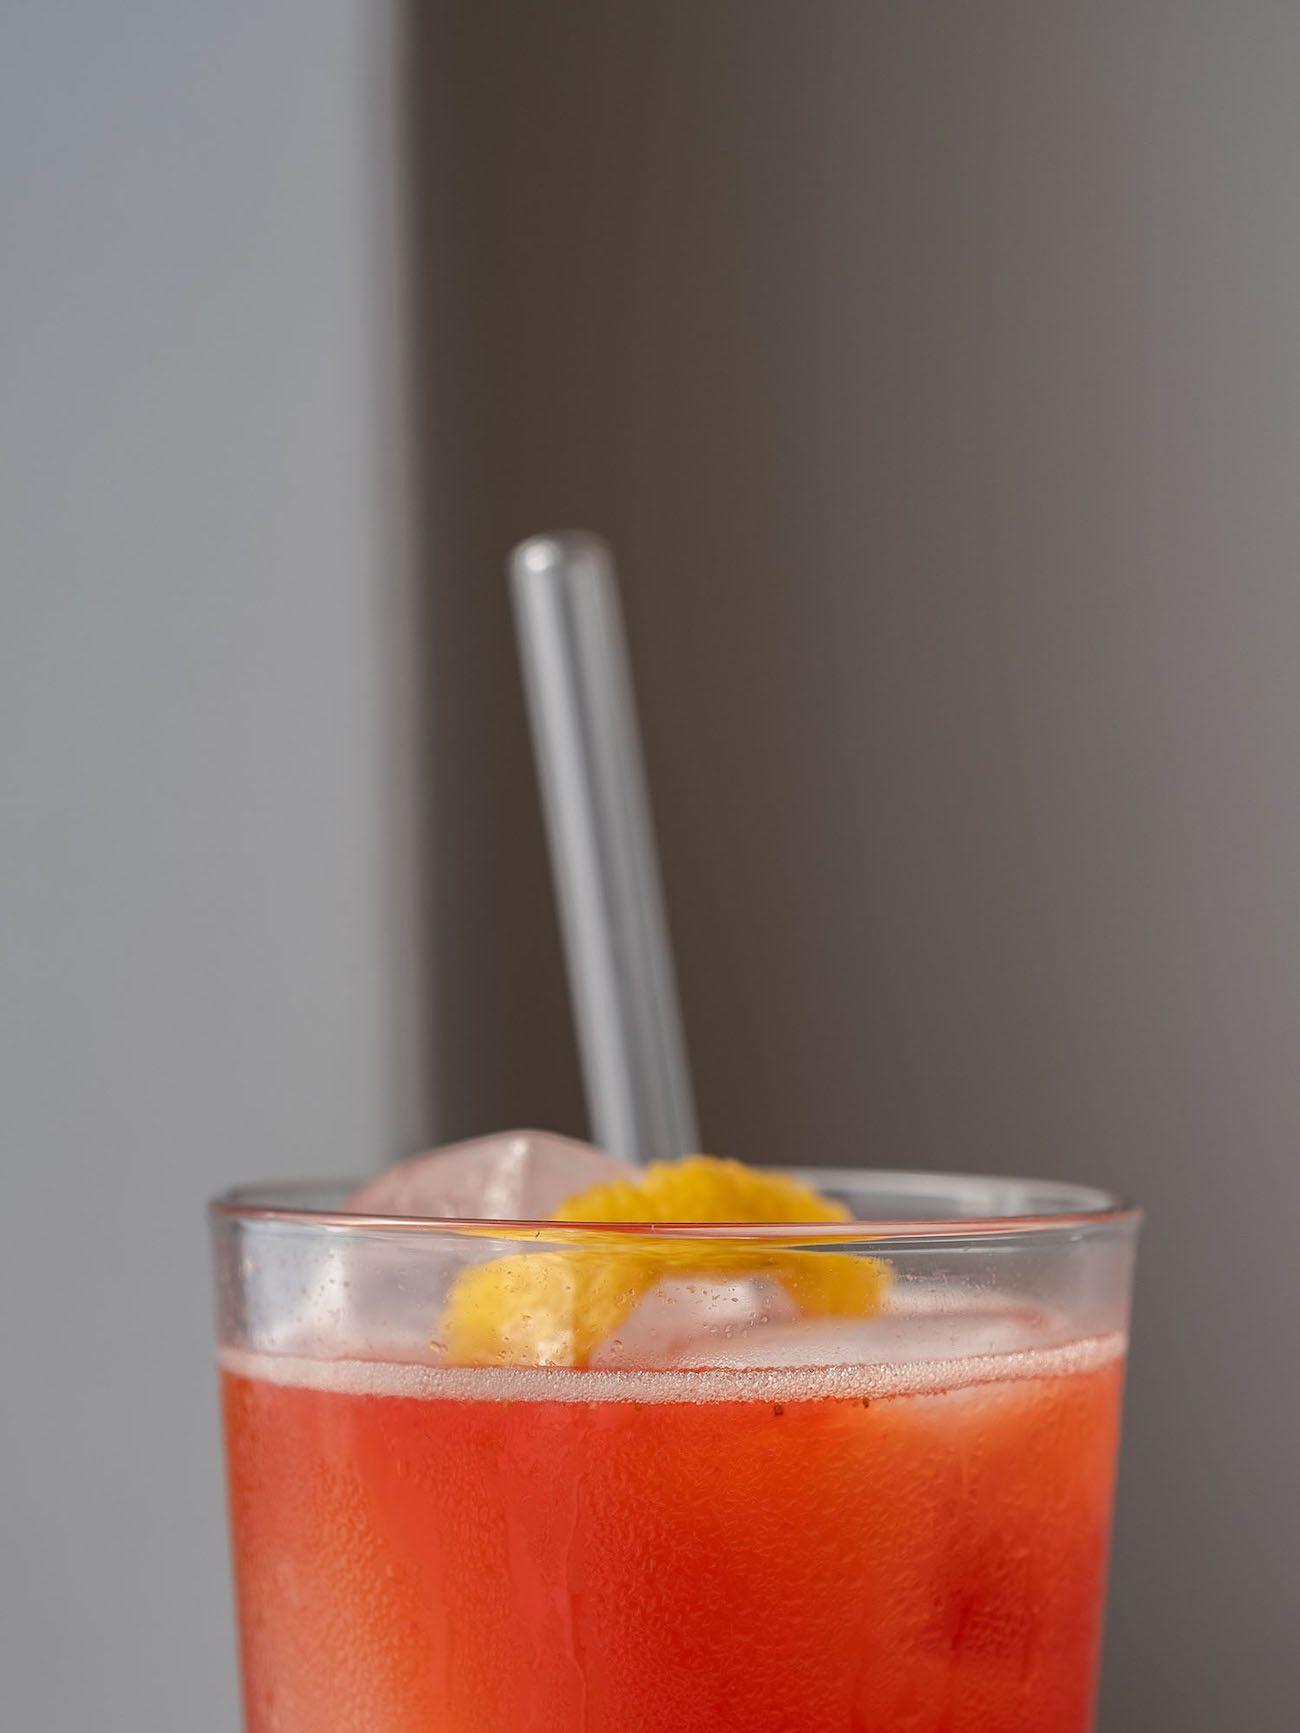 Foodblog, About Fuel, Rezept, Erdbeer-Rhabarber-Cooler, Glasstrohhalm